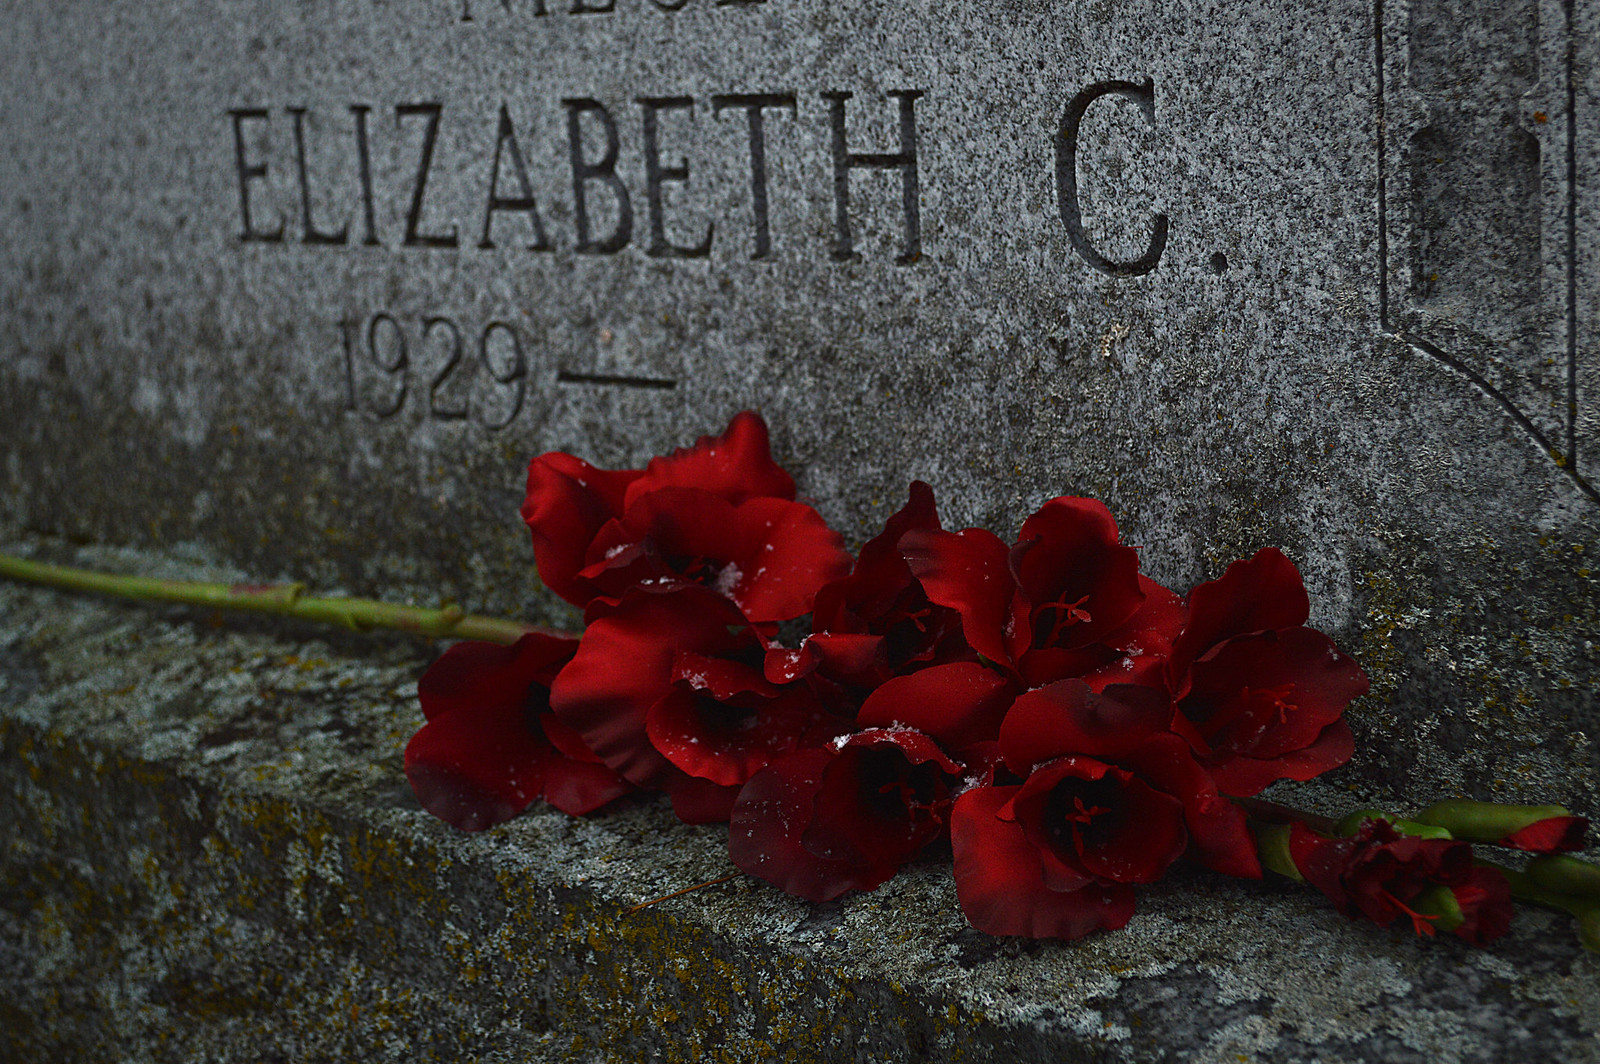 elizabethside